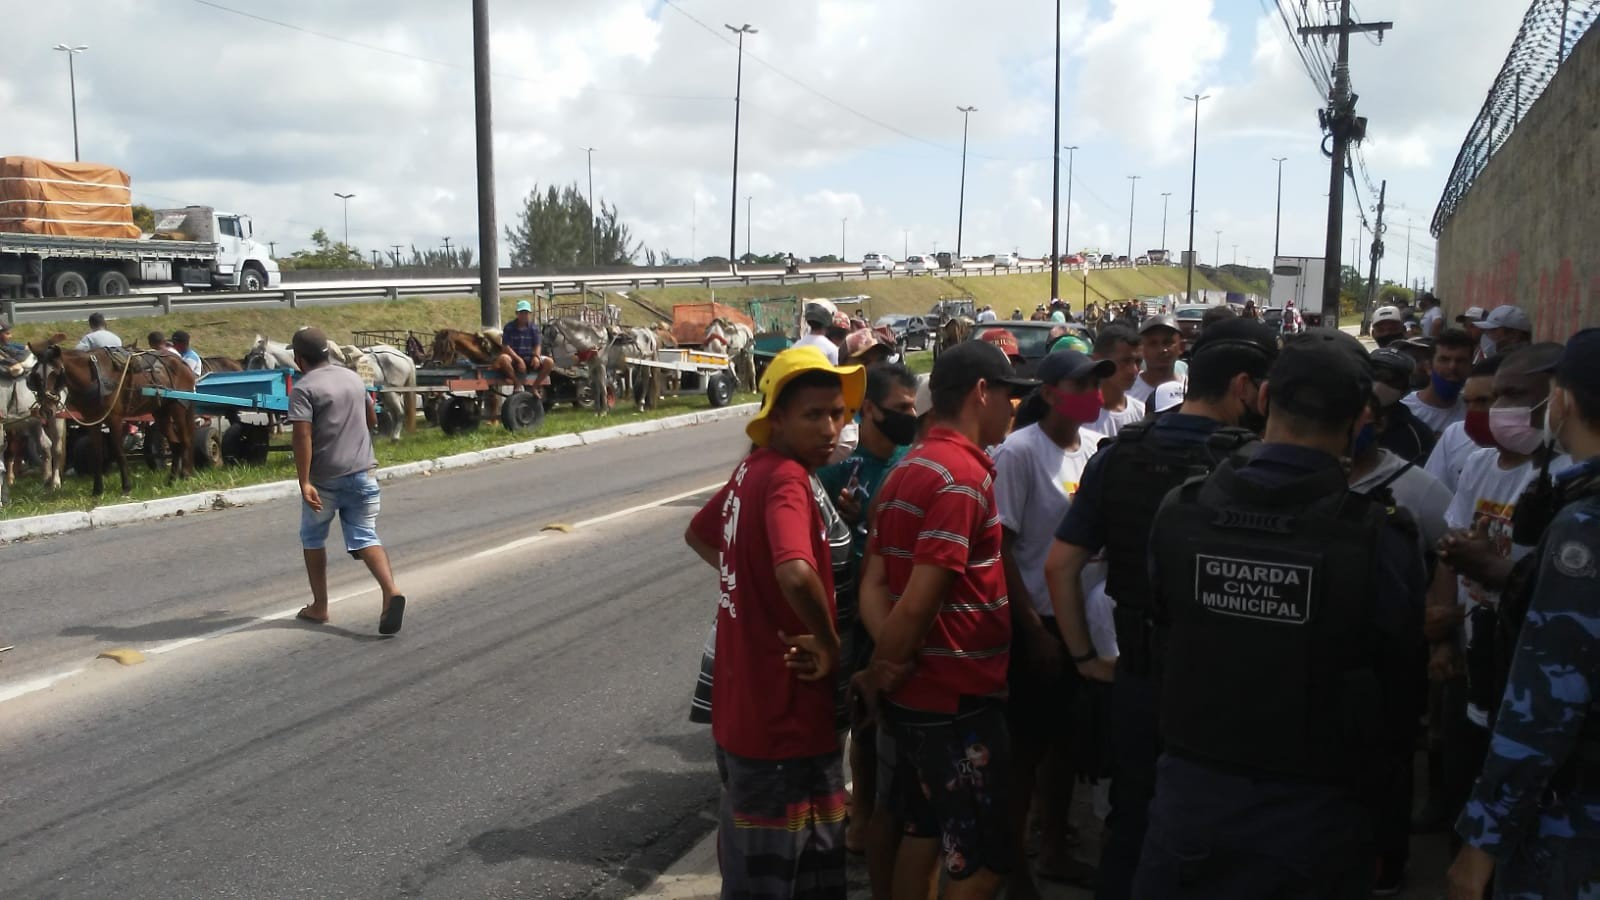 Carroceiros protestam em frente a prefeitura de João Pessoa contra pedido do MP